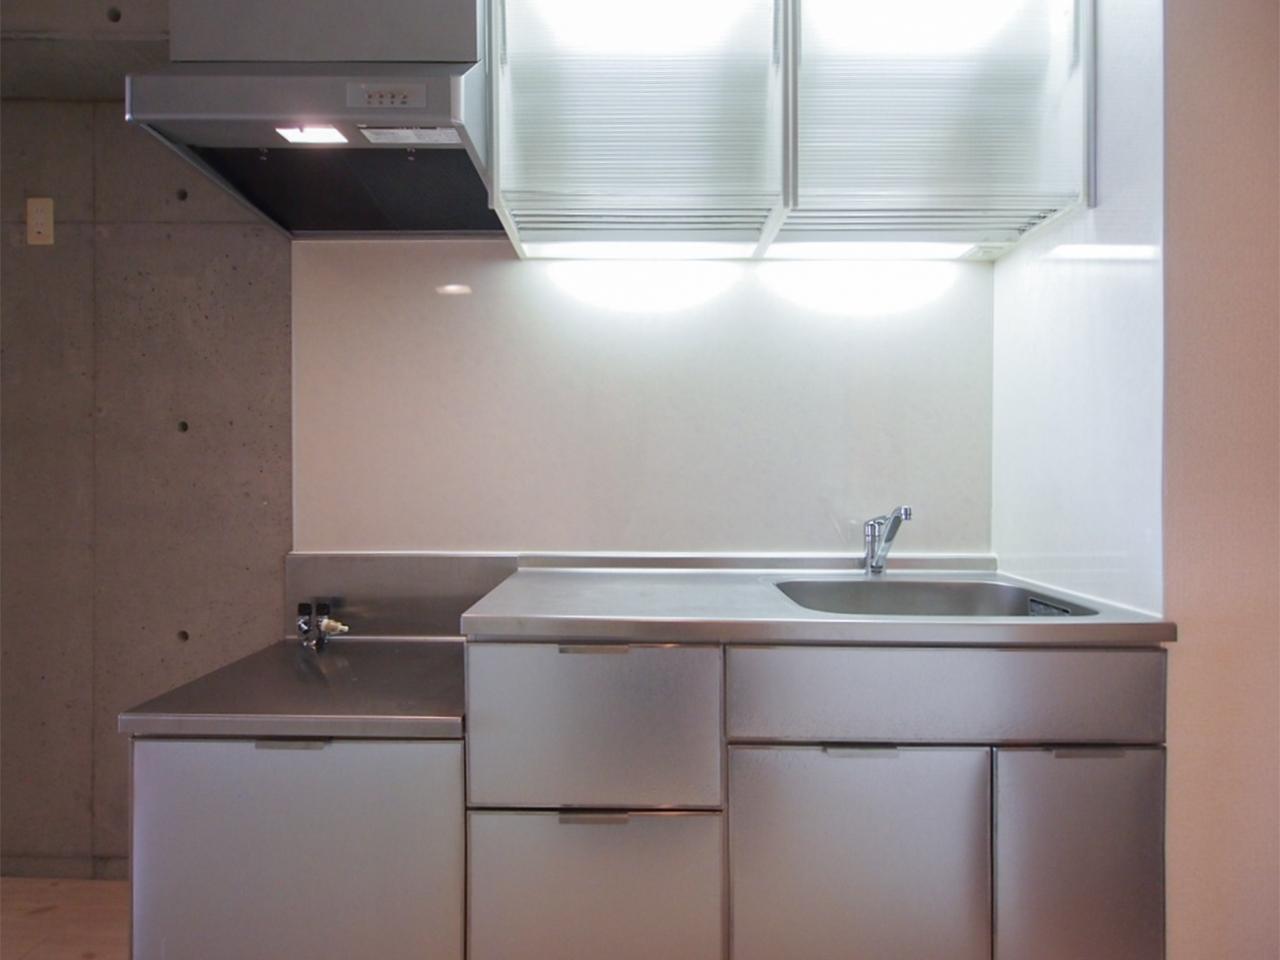 シルバーでシャープなデザインのキッチン